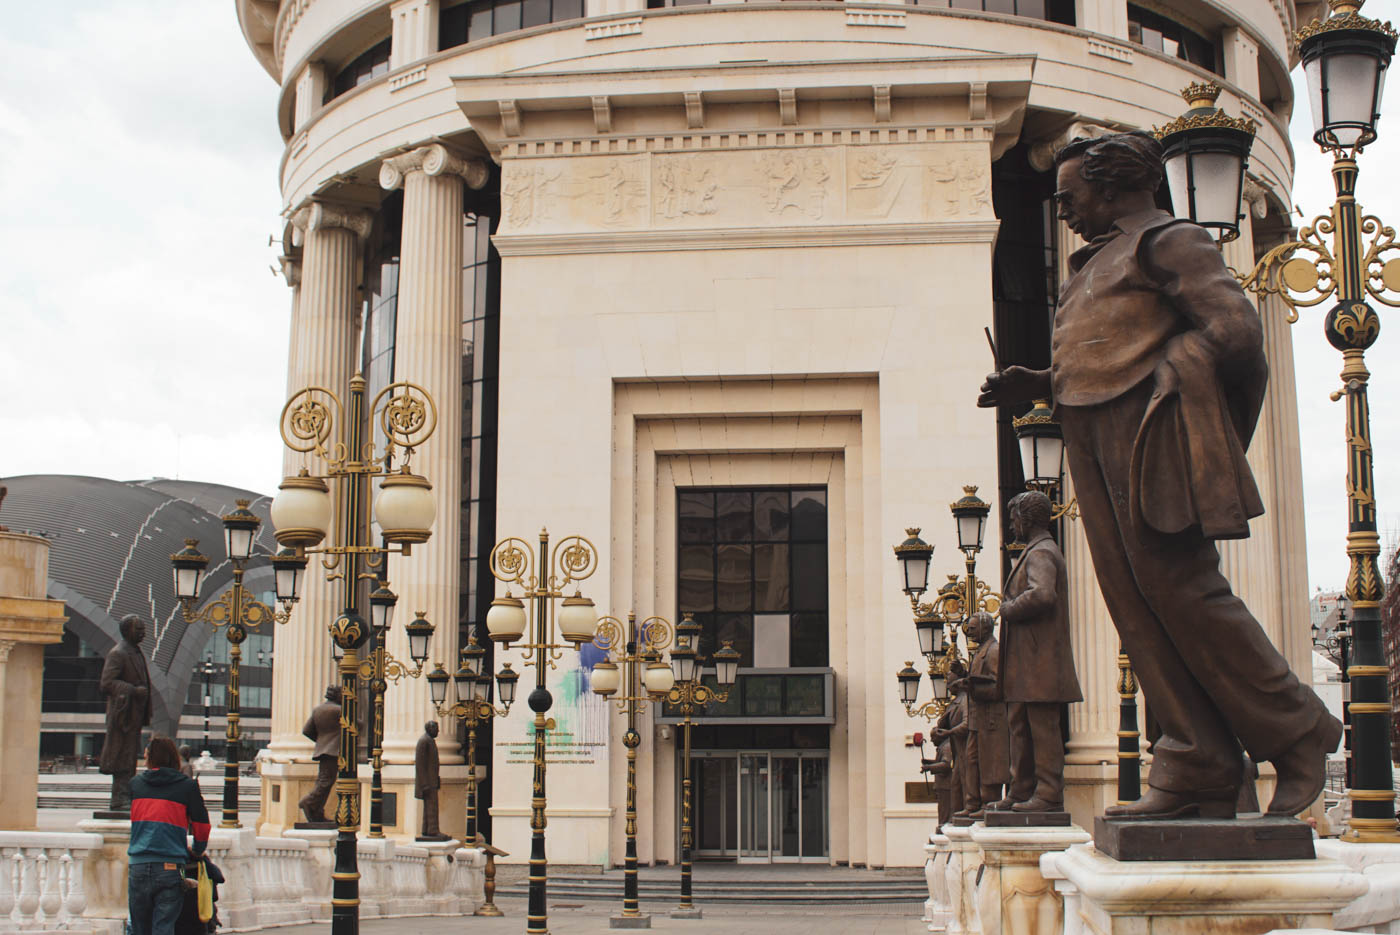 Zu sehen ist wie Paul mit Luke im Kinderwagen über eine Brücke läuft, an jedem Pfeiler der Brüstung der Brücke ist eine Bronzestatue von einem mehr oder weniger berühmten Mazedonier zu sehen. Im Hintergrund erhebt sich eines der pompösen Regierungsgebäude das mit Farbbeuteln beworfen wurde.